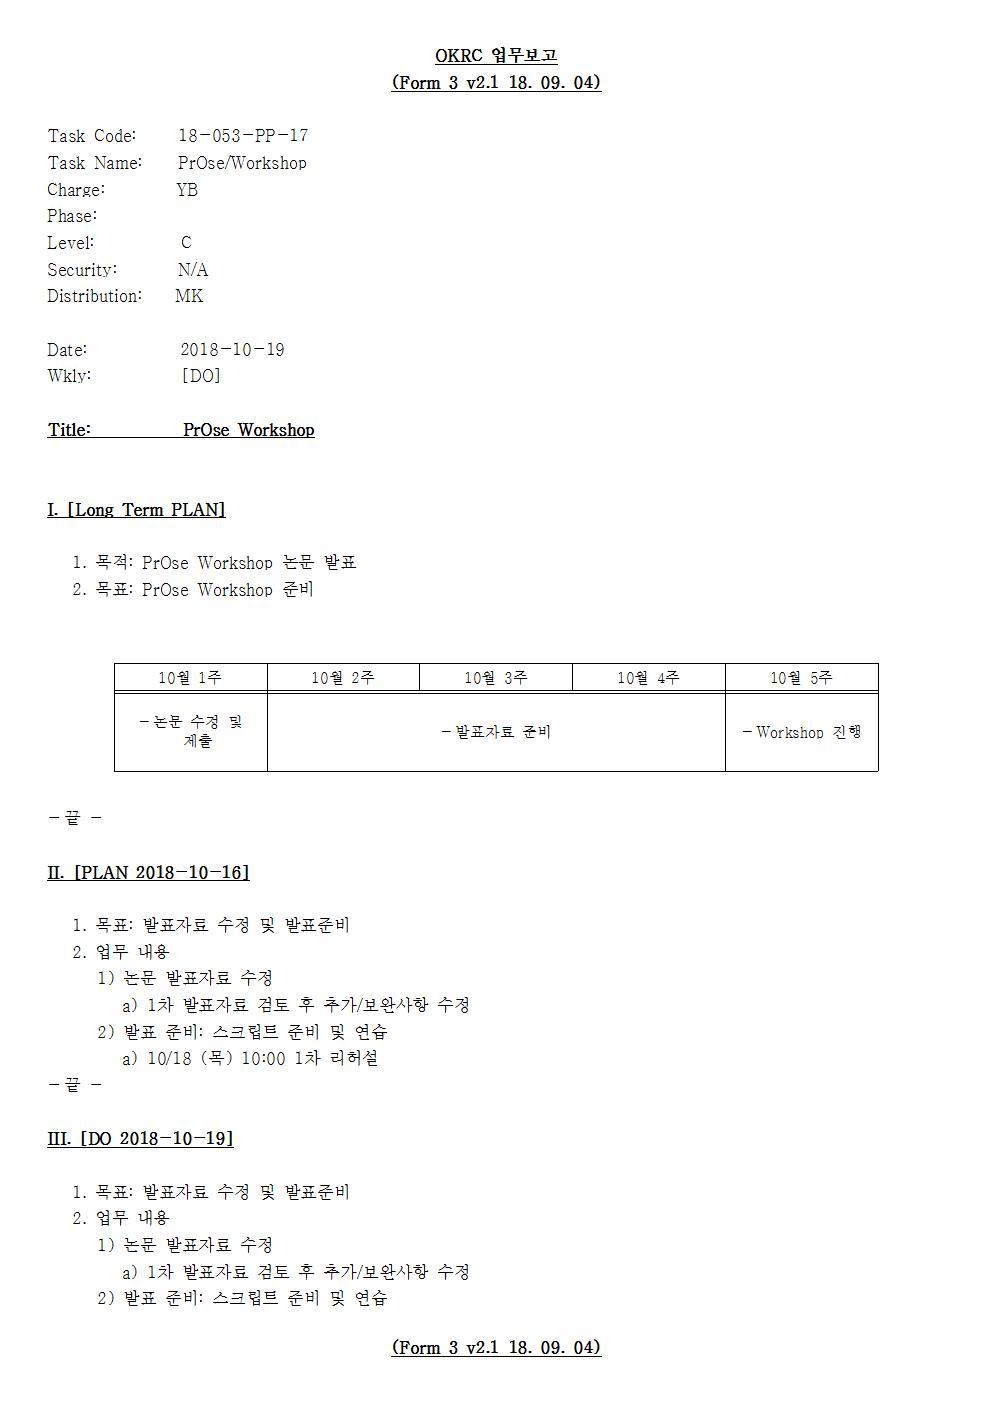 D-[18-053-PP-17]-[PrOse Workshop]-[2018-10-19][YB]001.jpg